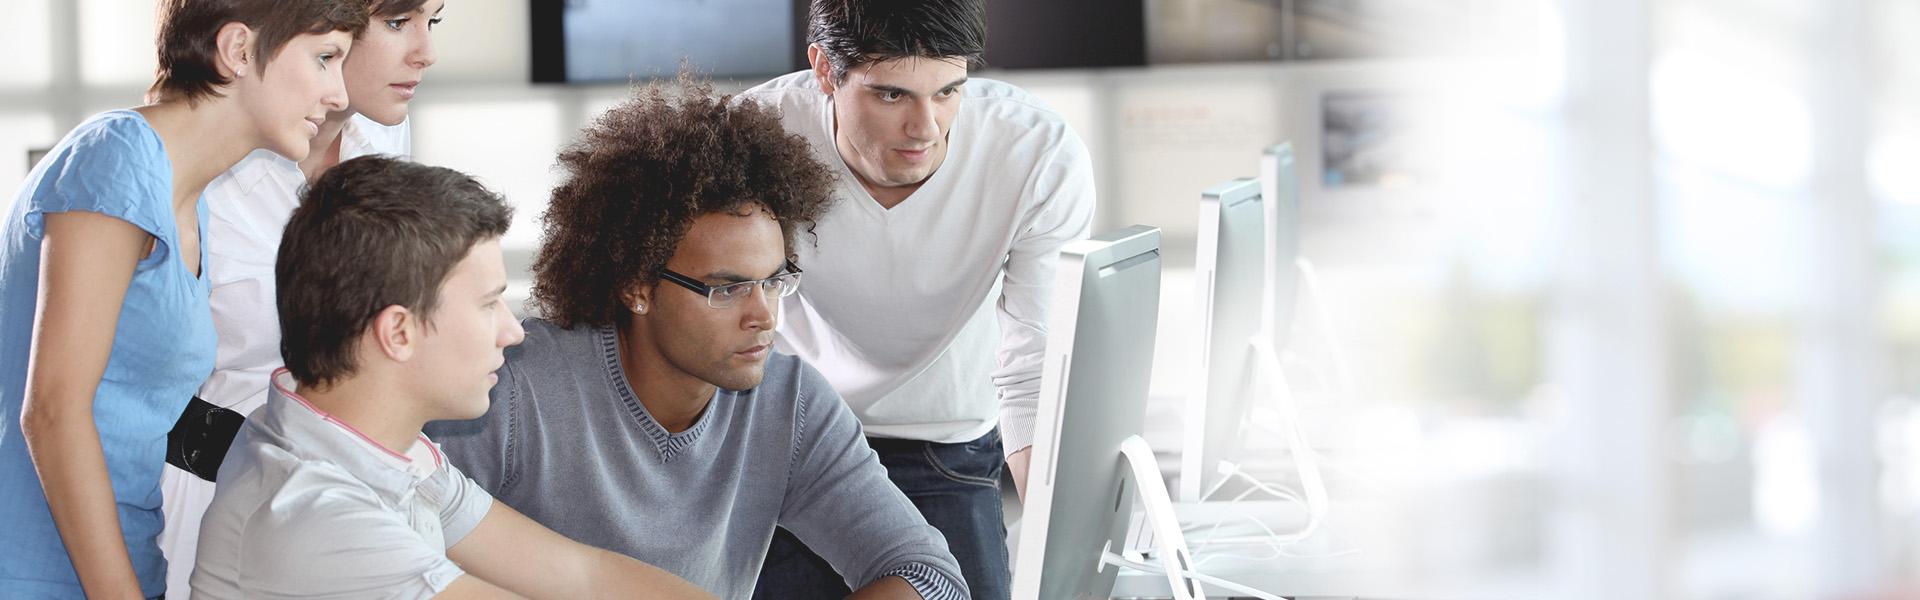 E-Learning für Ihr Unternehmen – Was ist für Sie relevant?